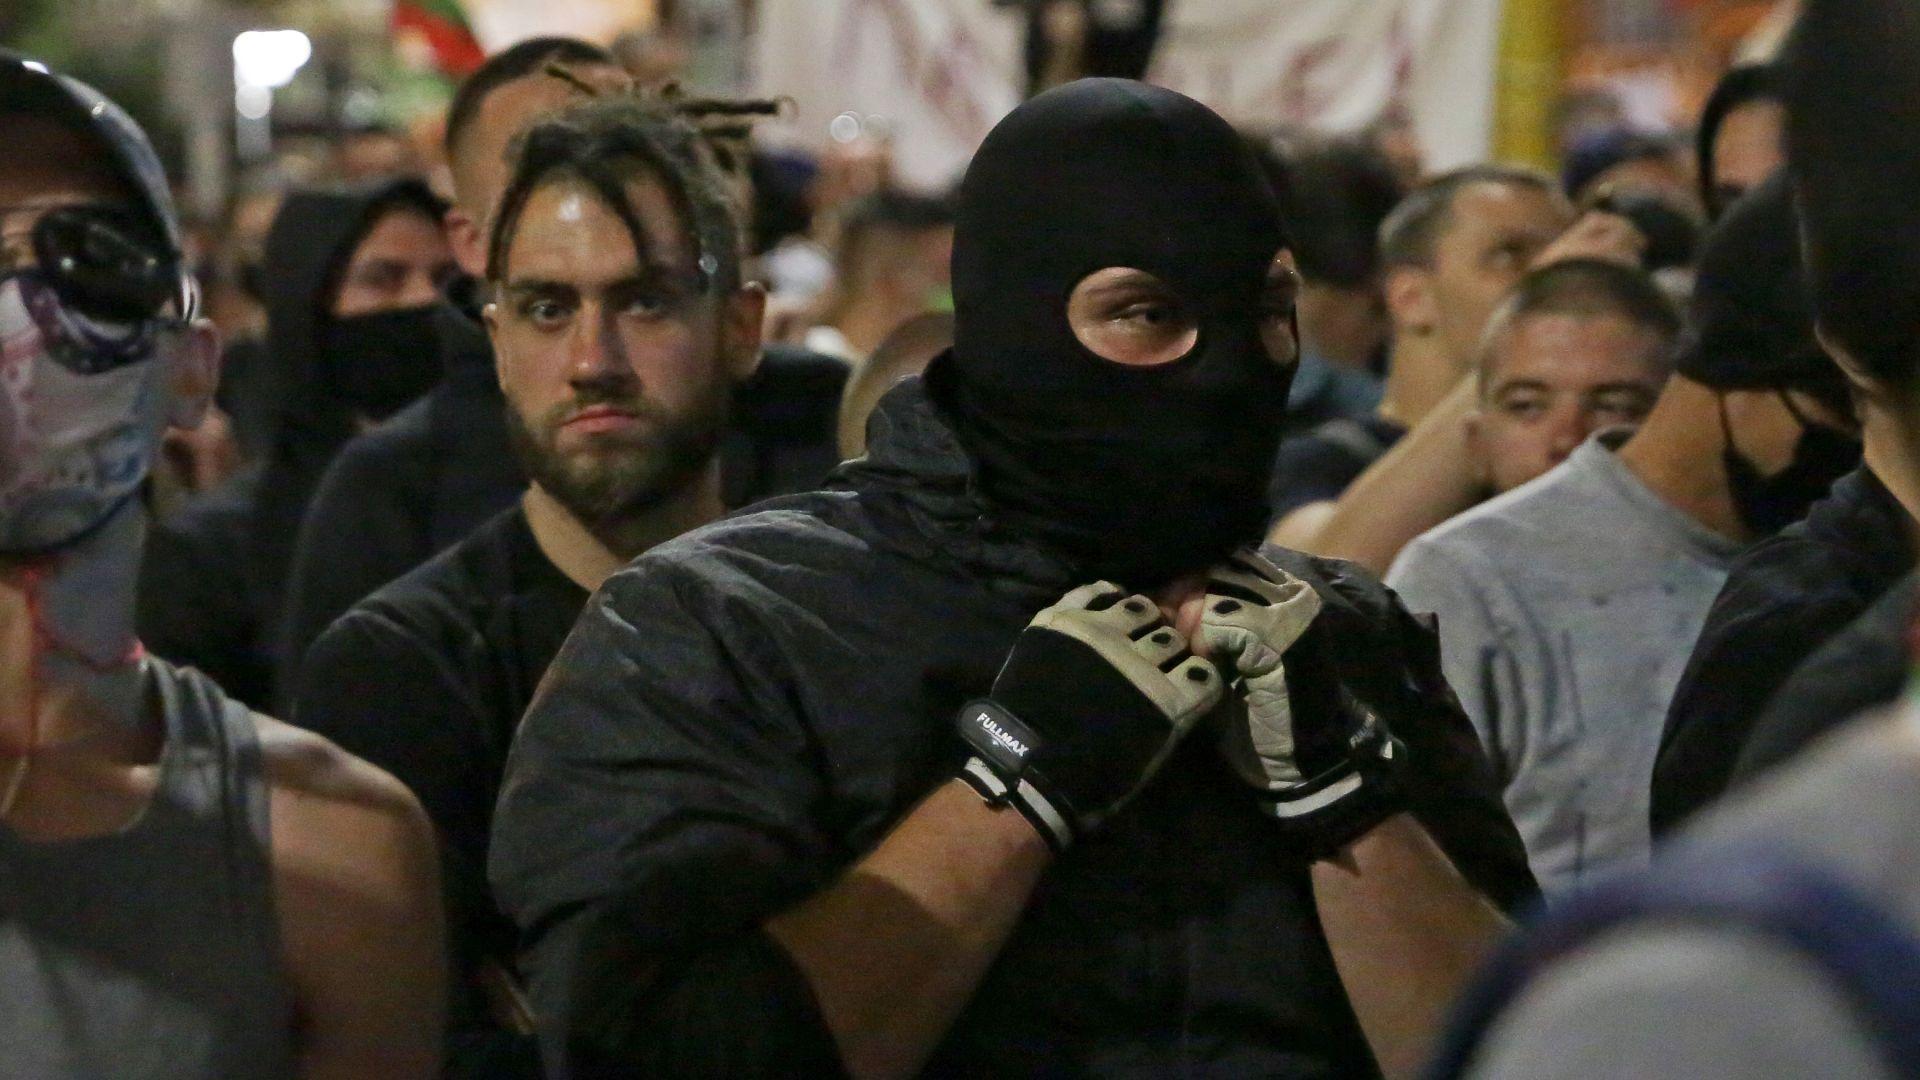 Осем арестувани на протеста в четвъртък - с ножове, боксове и наркотици